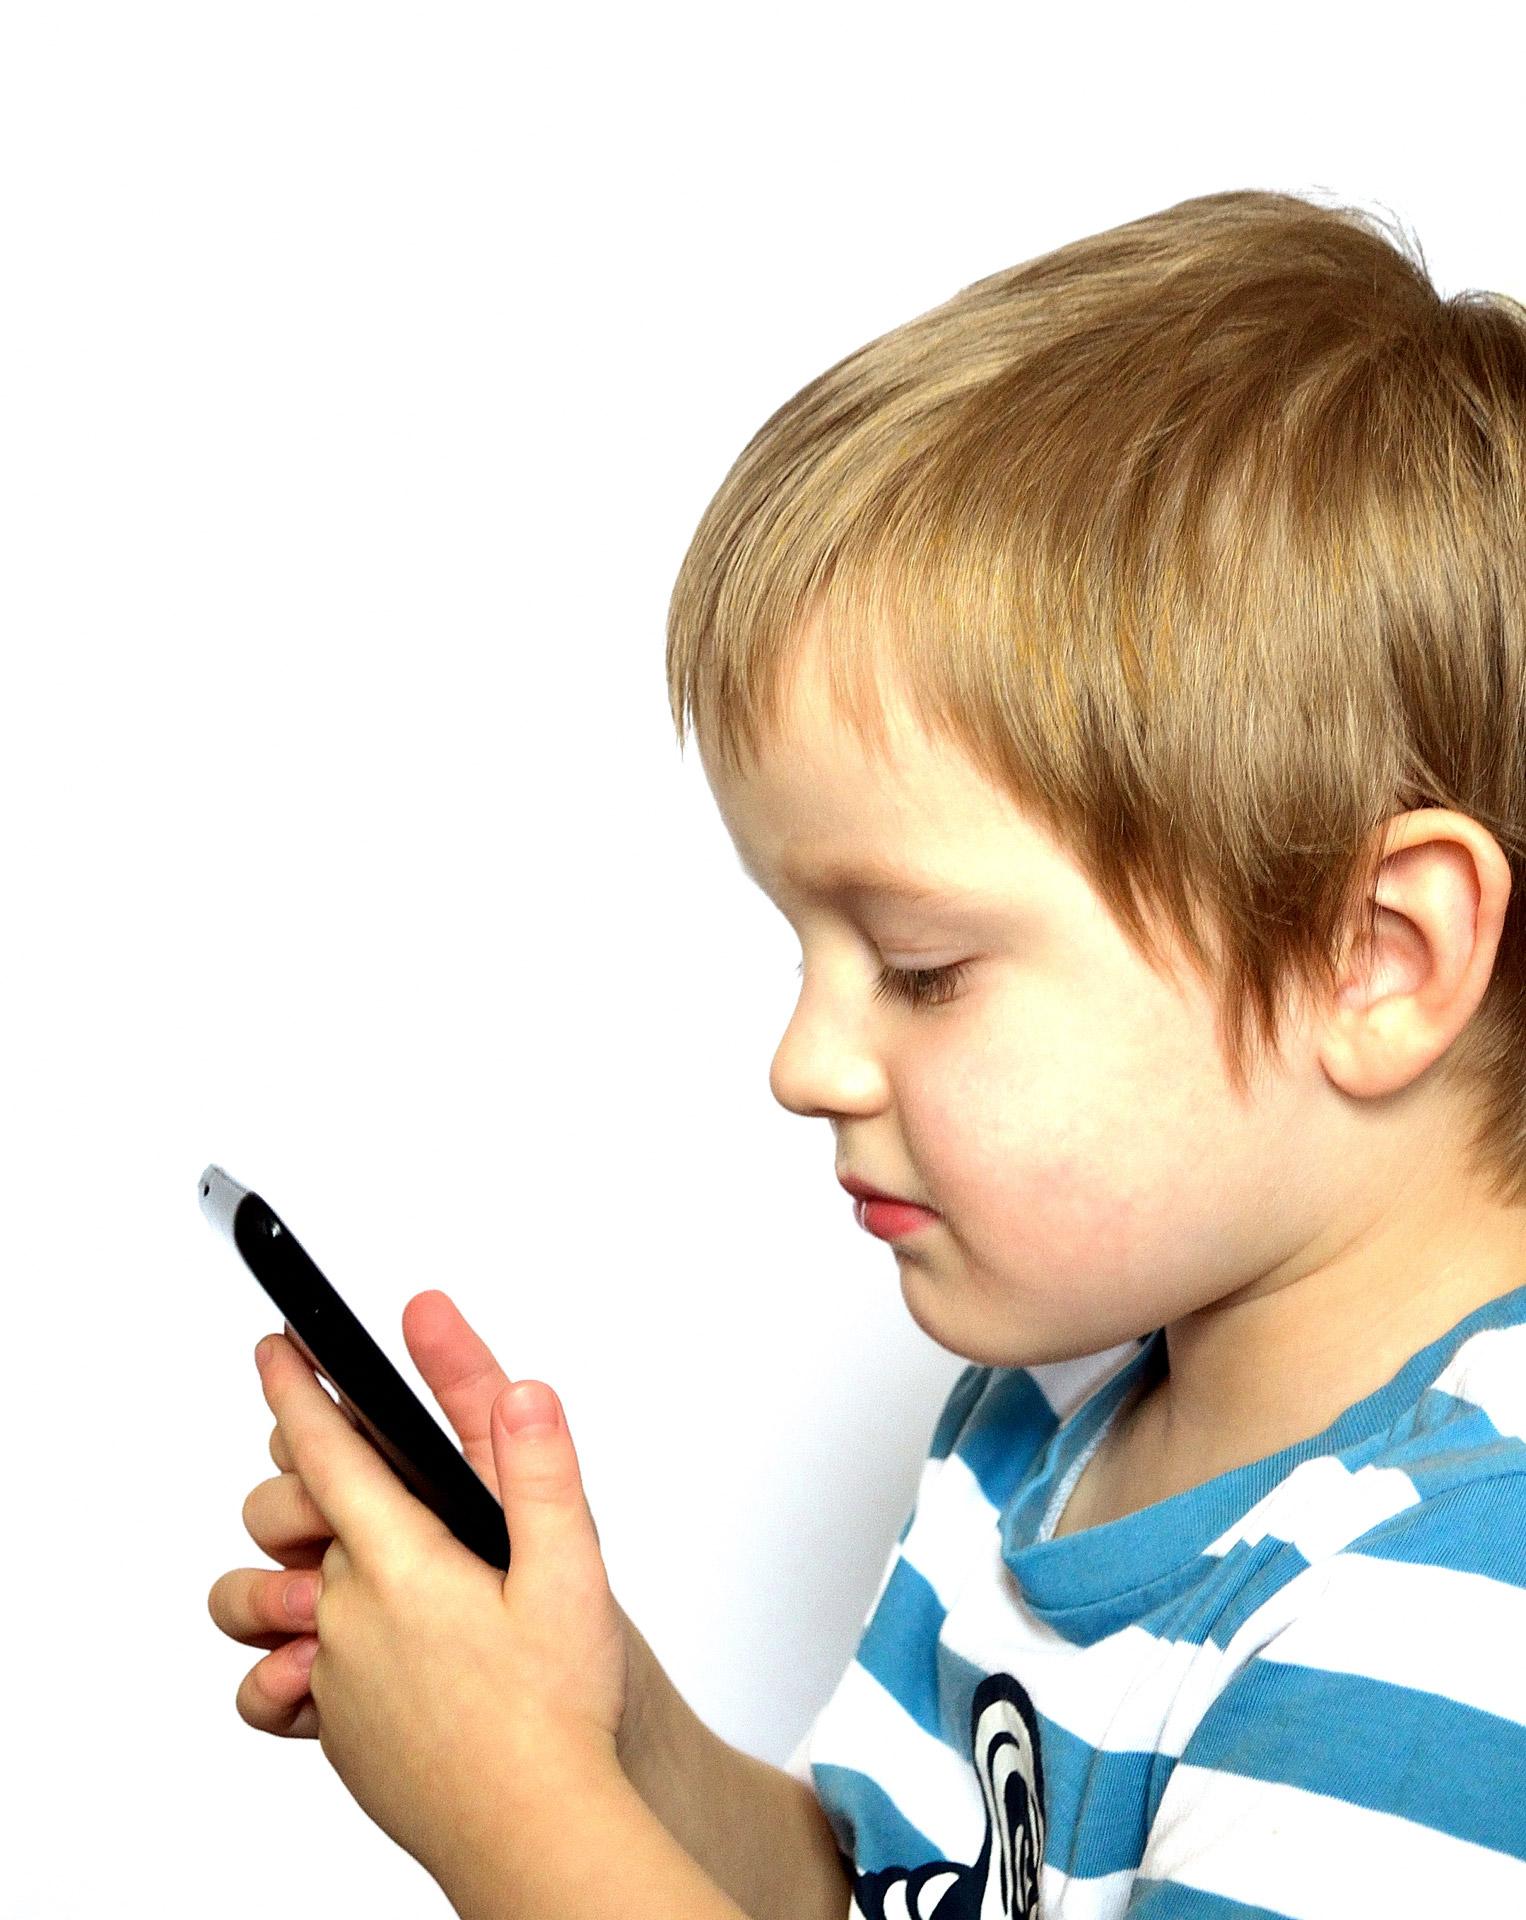 child_and_phone